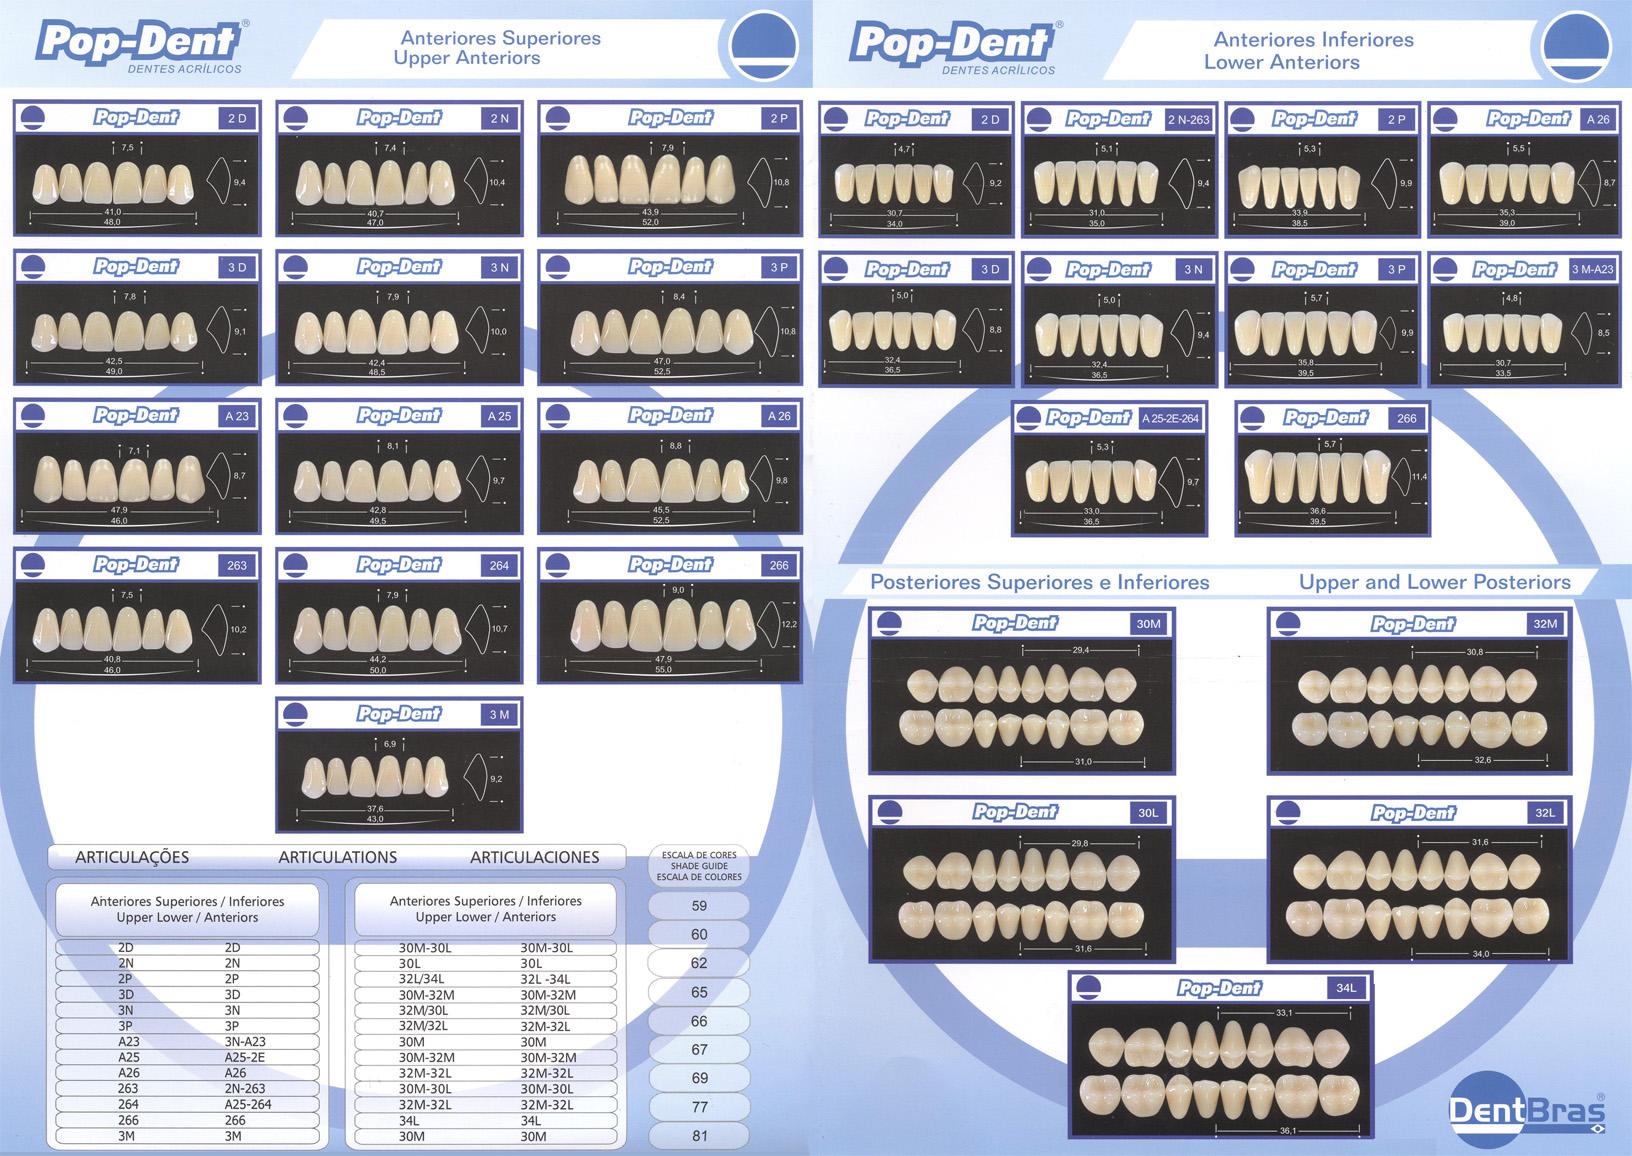 Carta Molde do produto Dente Pop-Dent 3M Anterior/Inferior 60